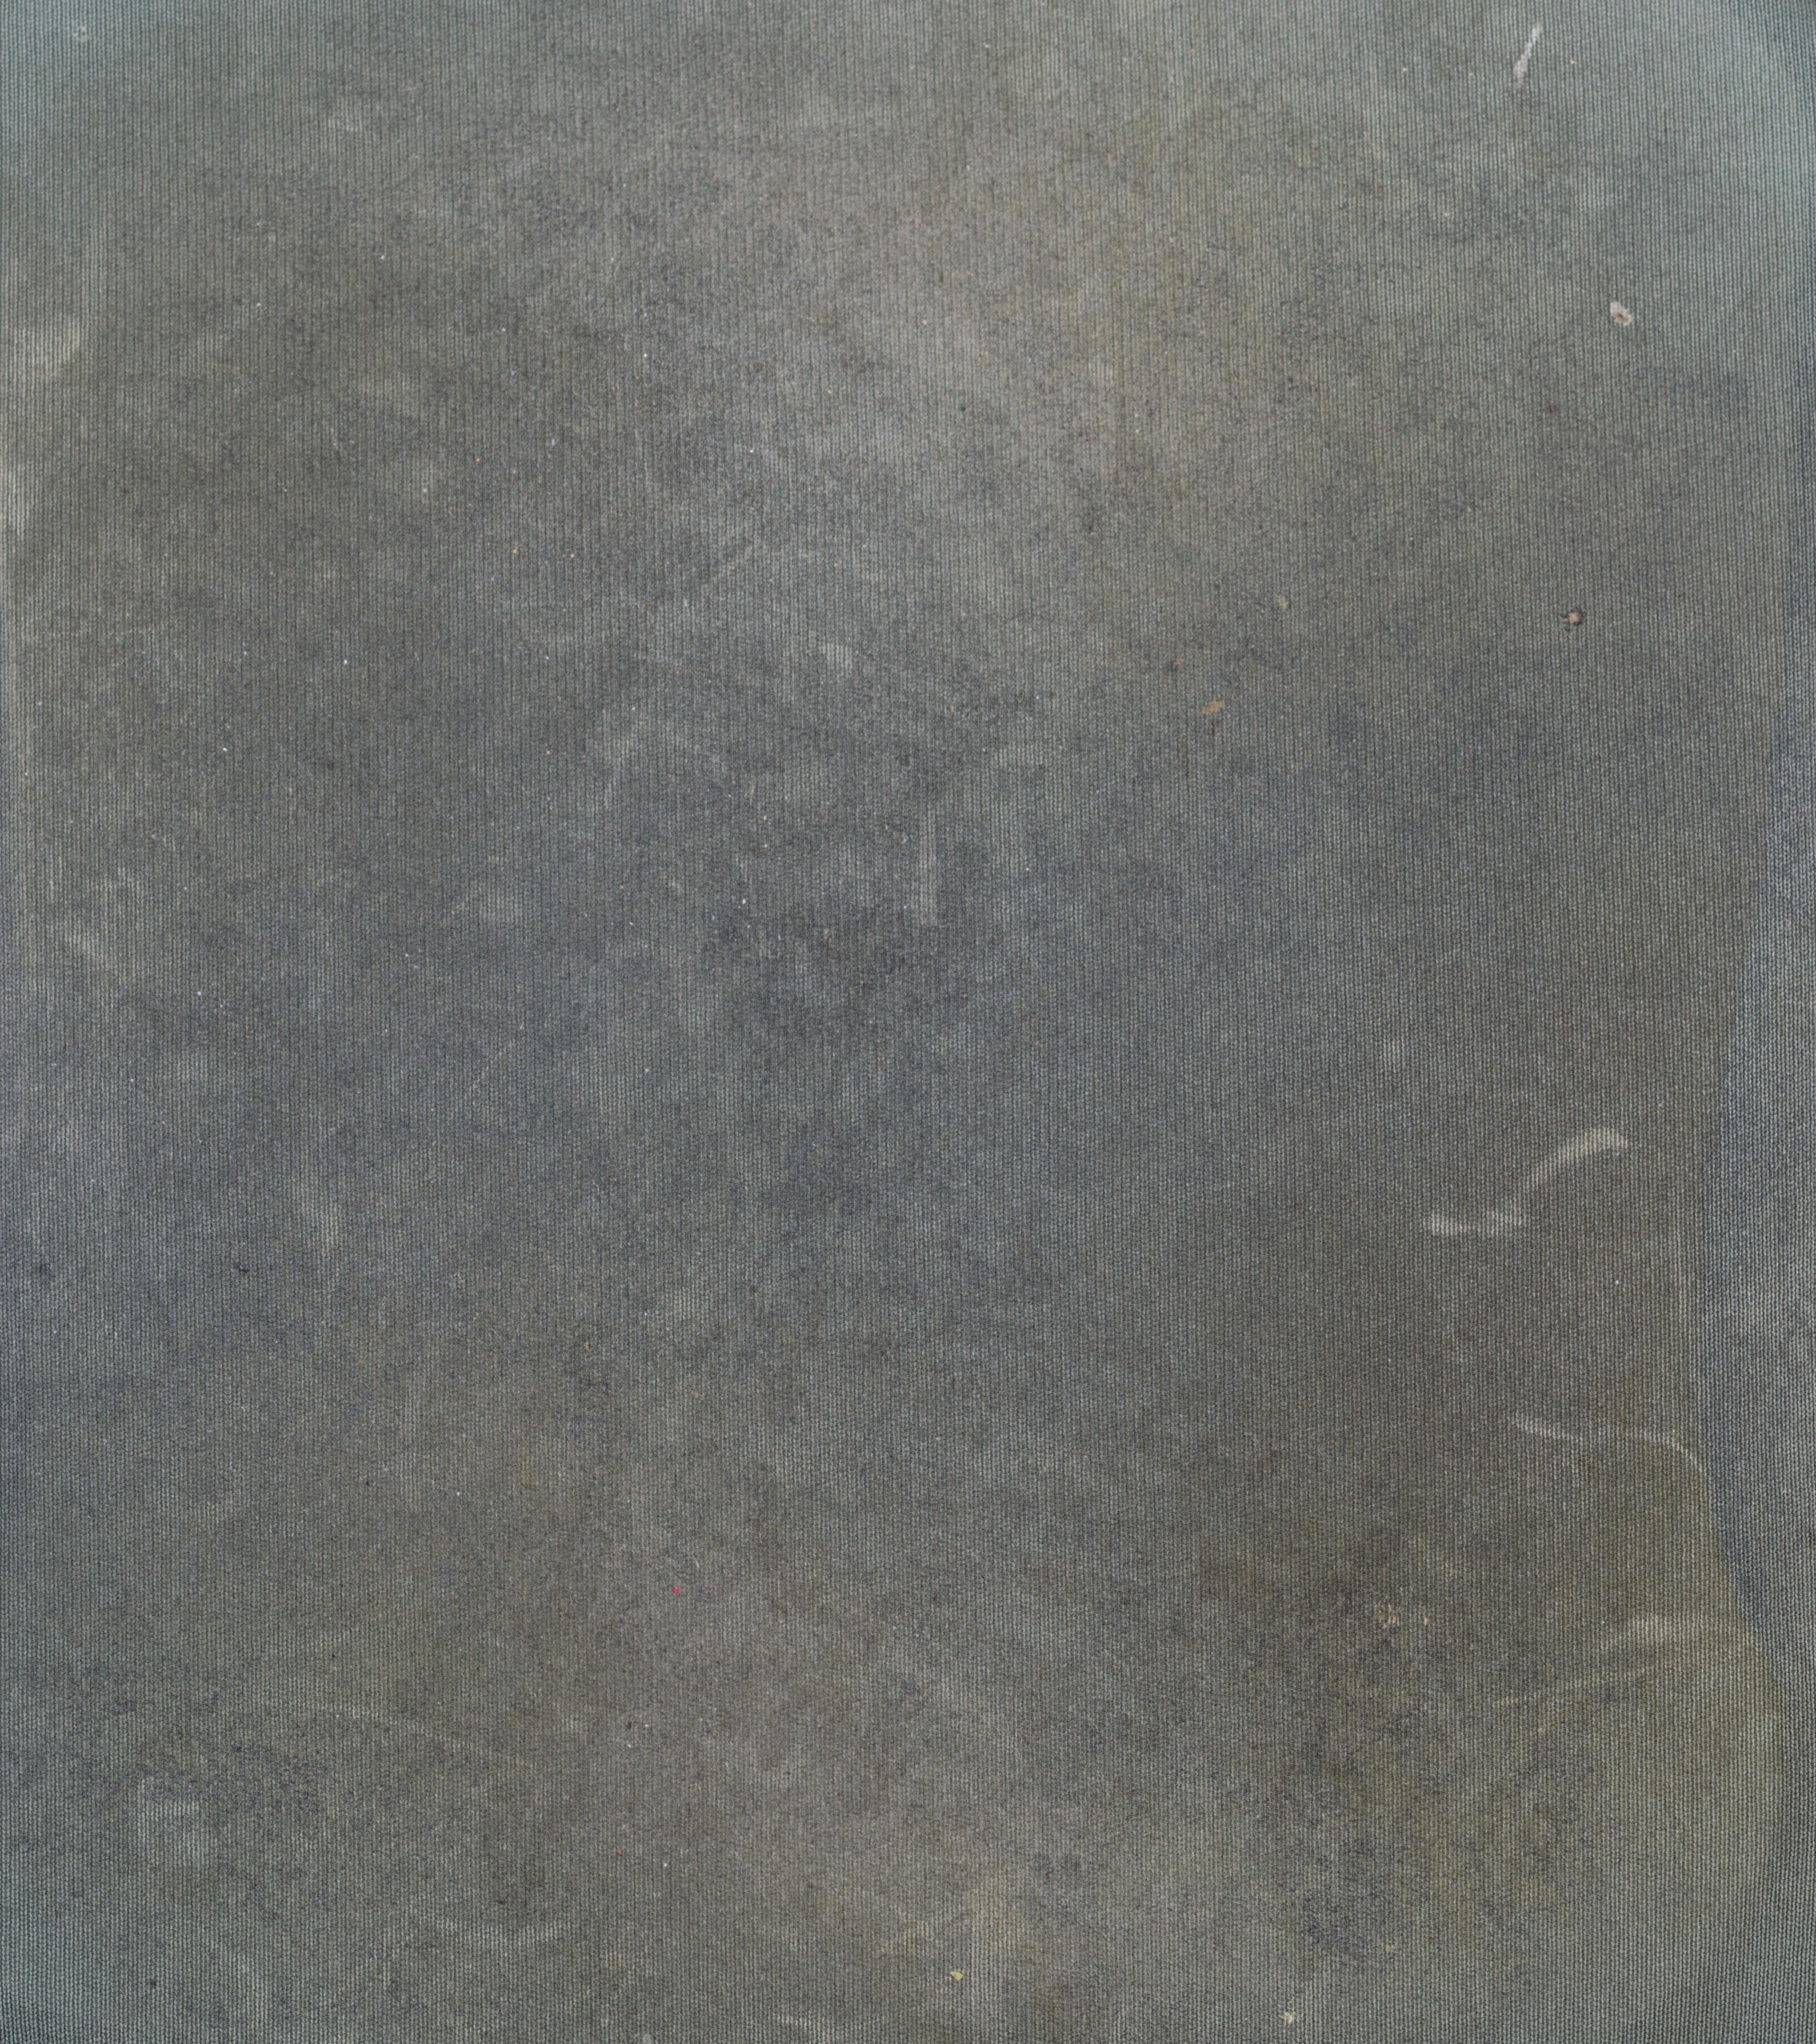 Free Images Structure Floor Asphalt Tile Dirty Grunge